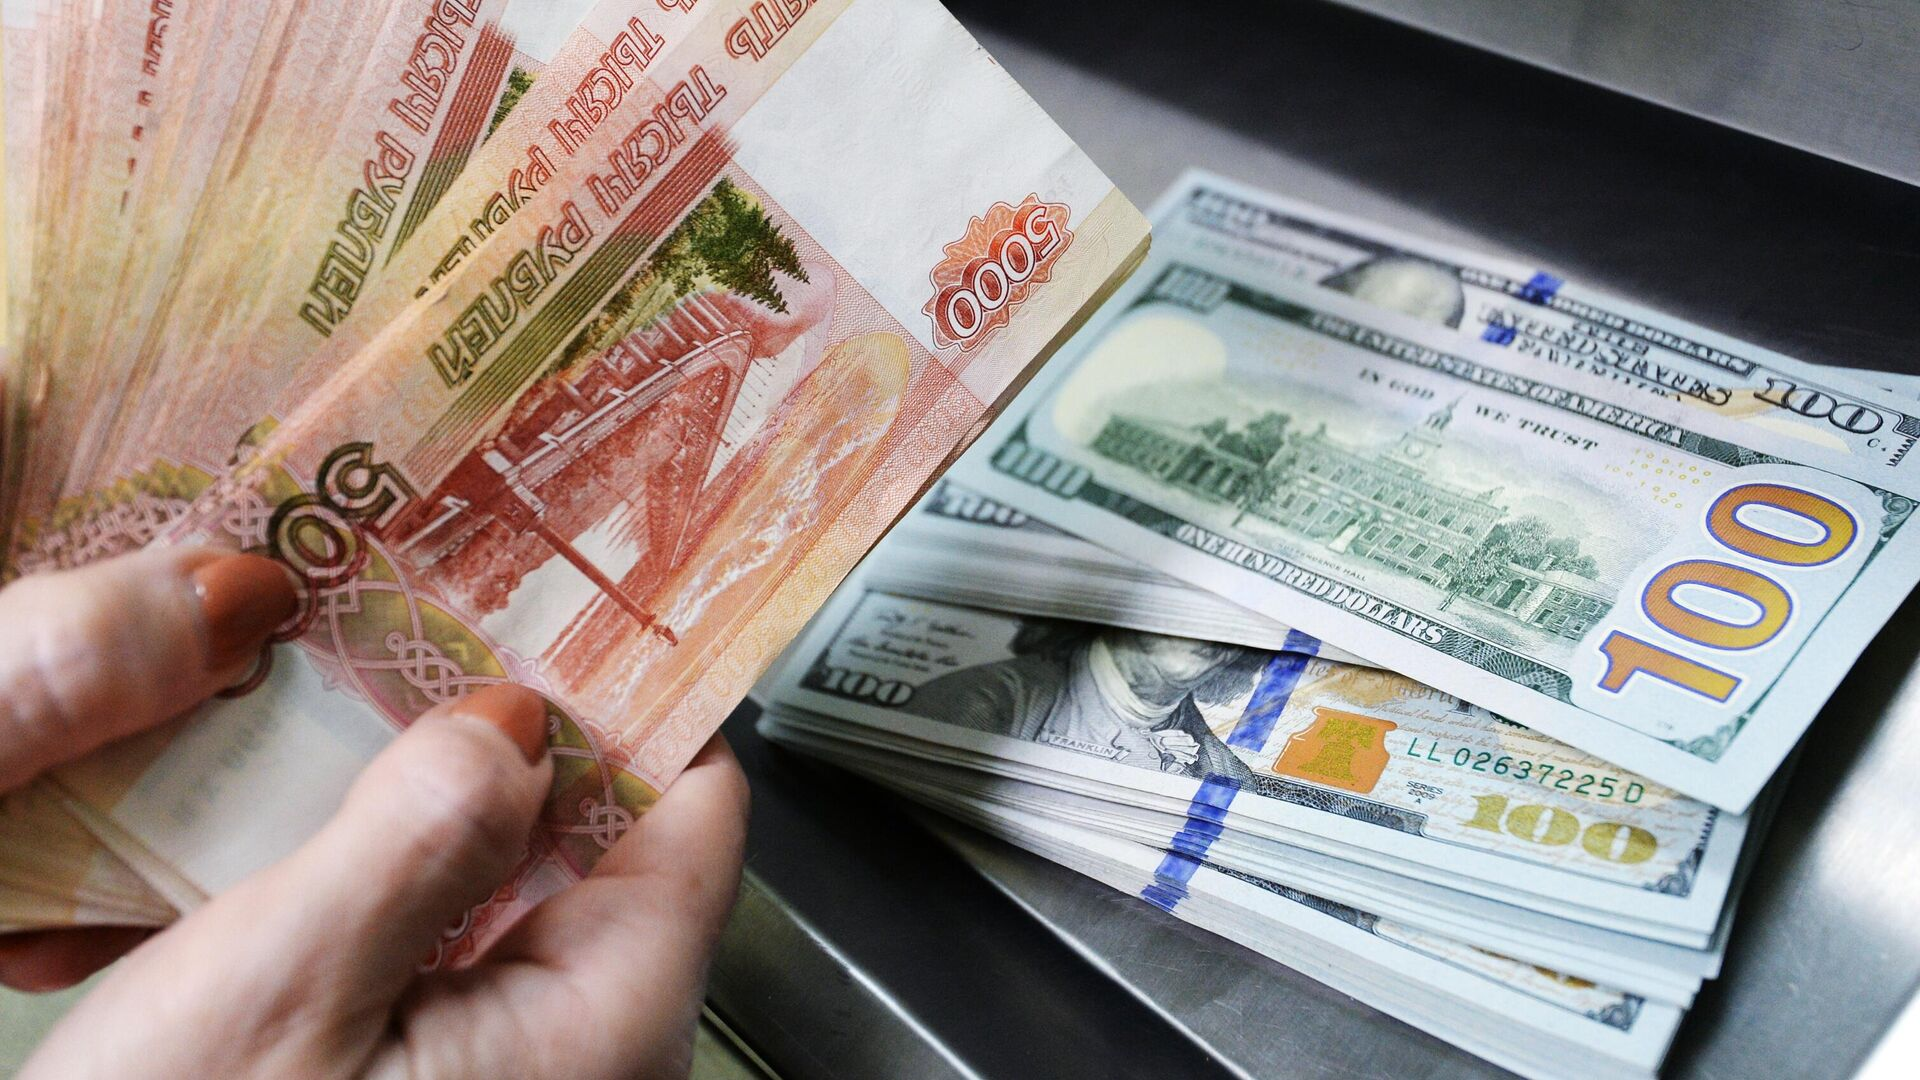 Доллары США и рубли - РИА Новости, 1920, 28.02.2021